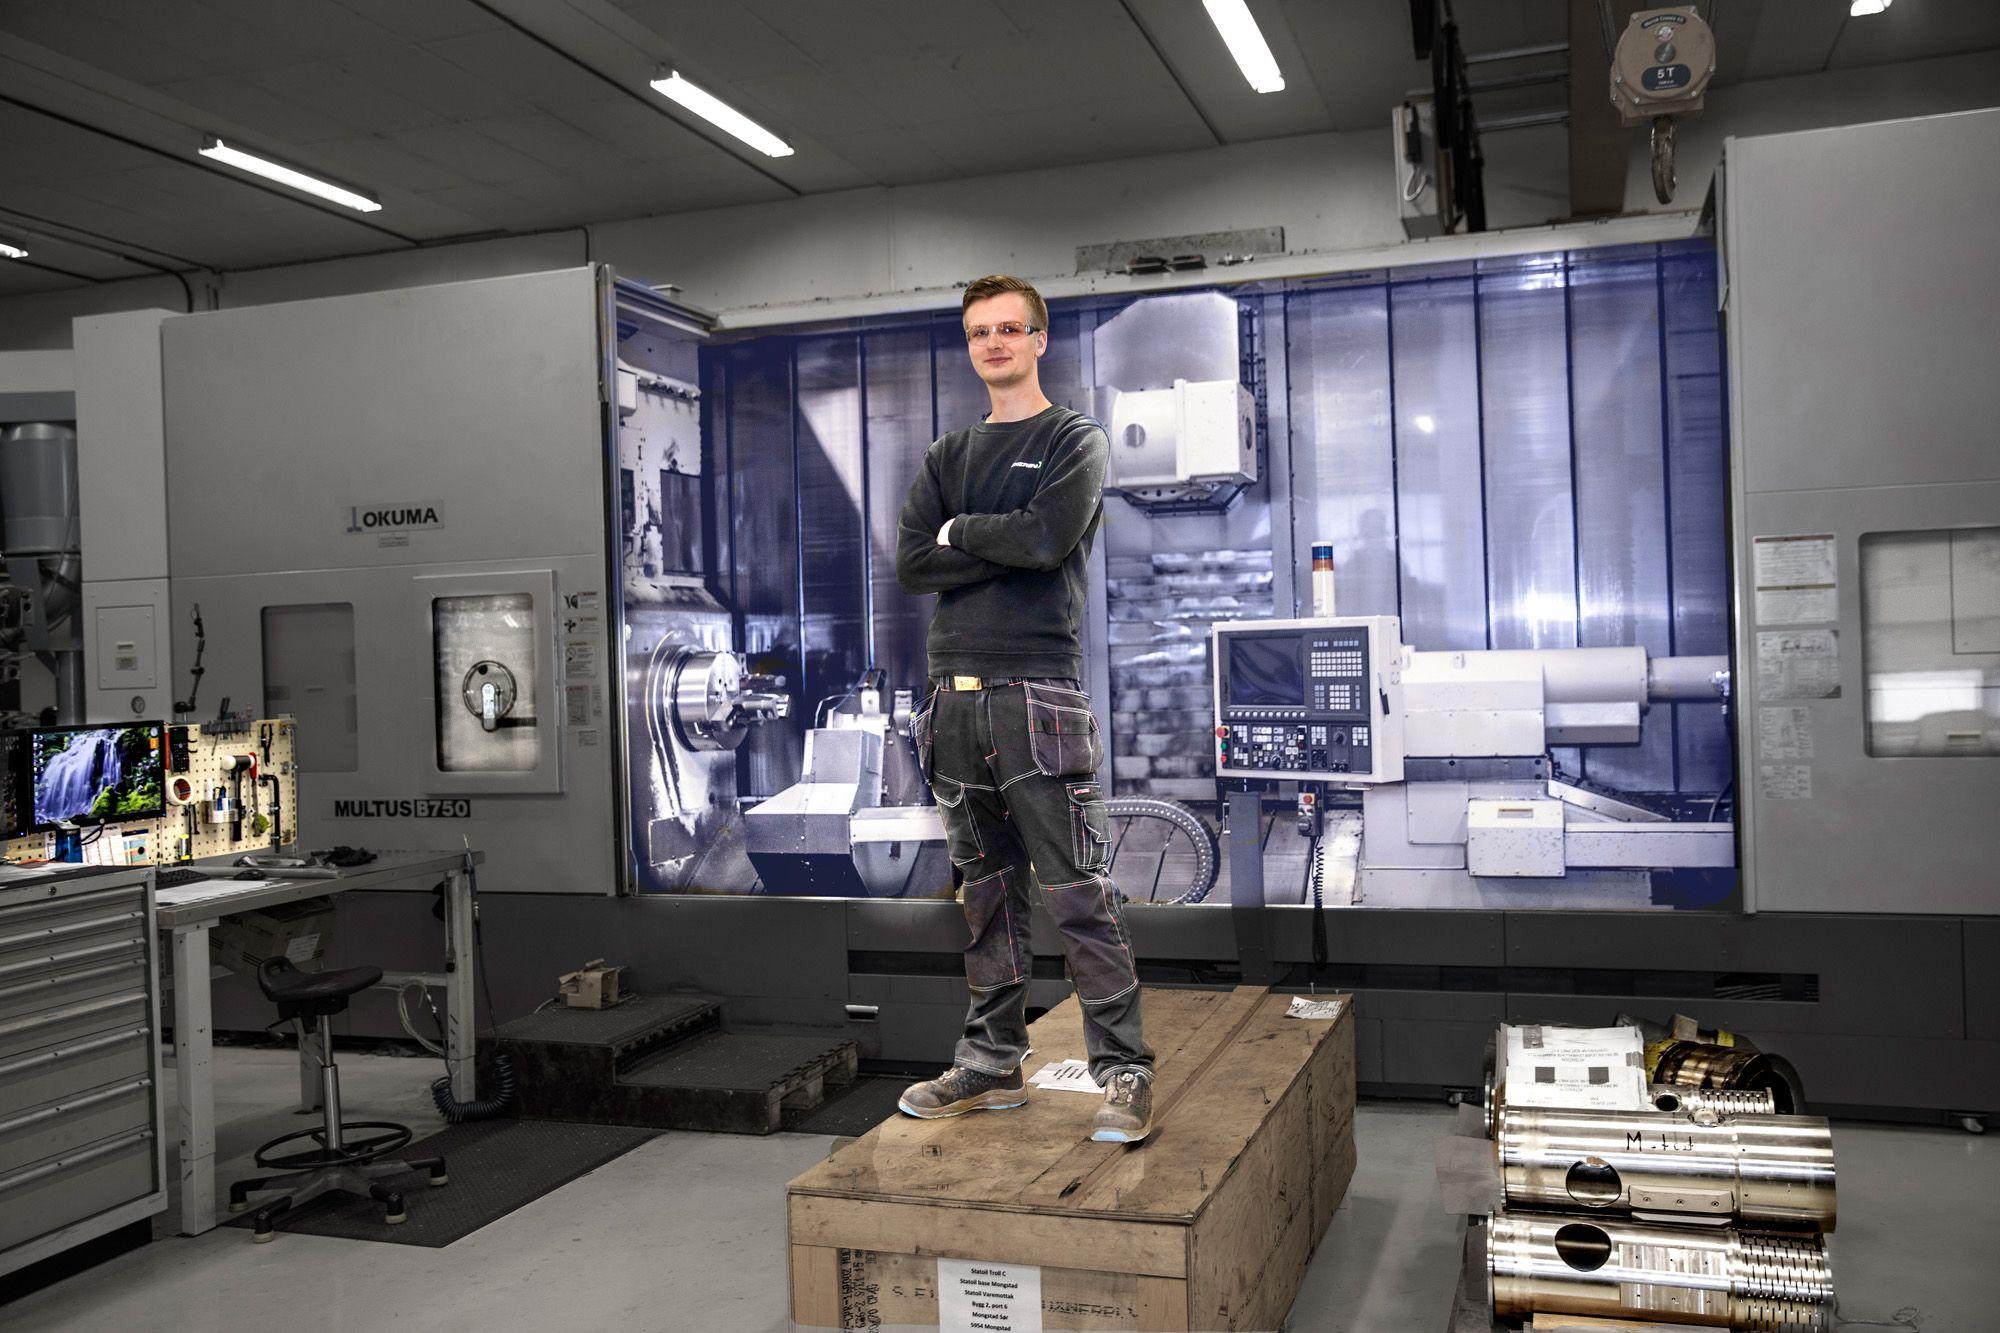 StudioHjelm-Næringsliv_045.jpg